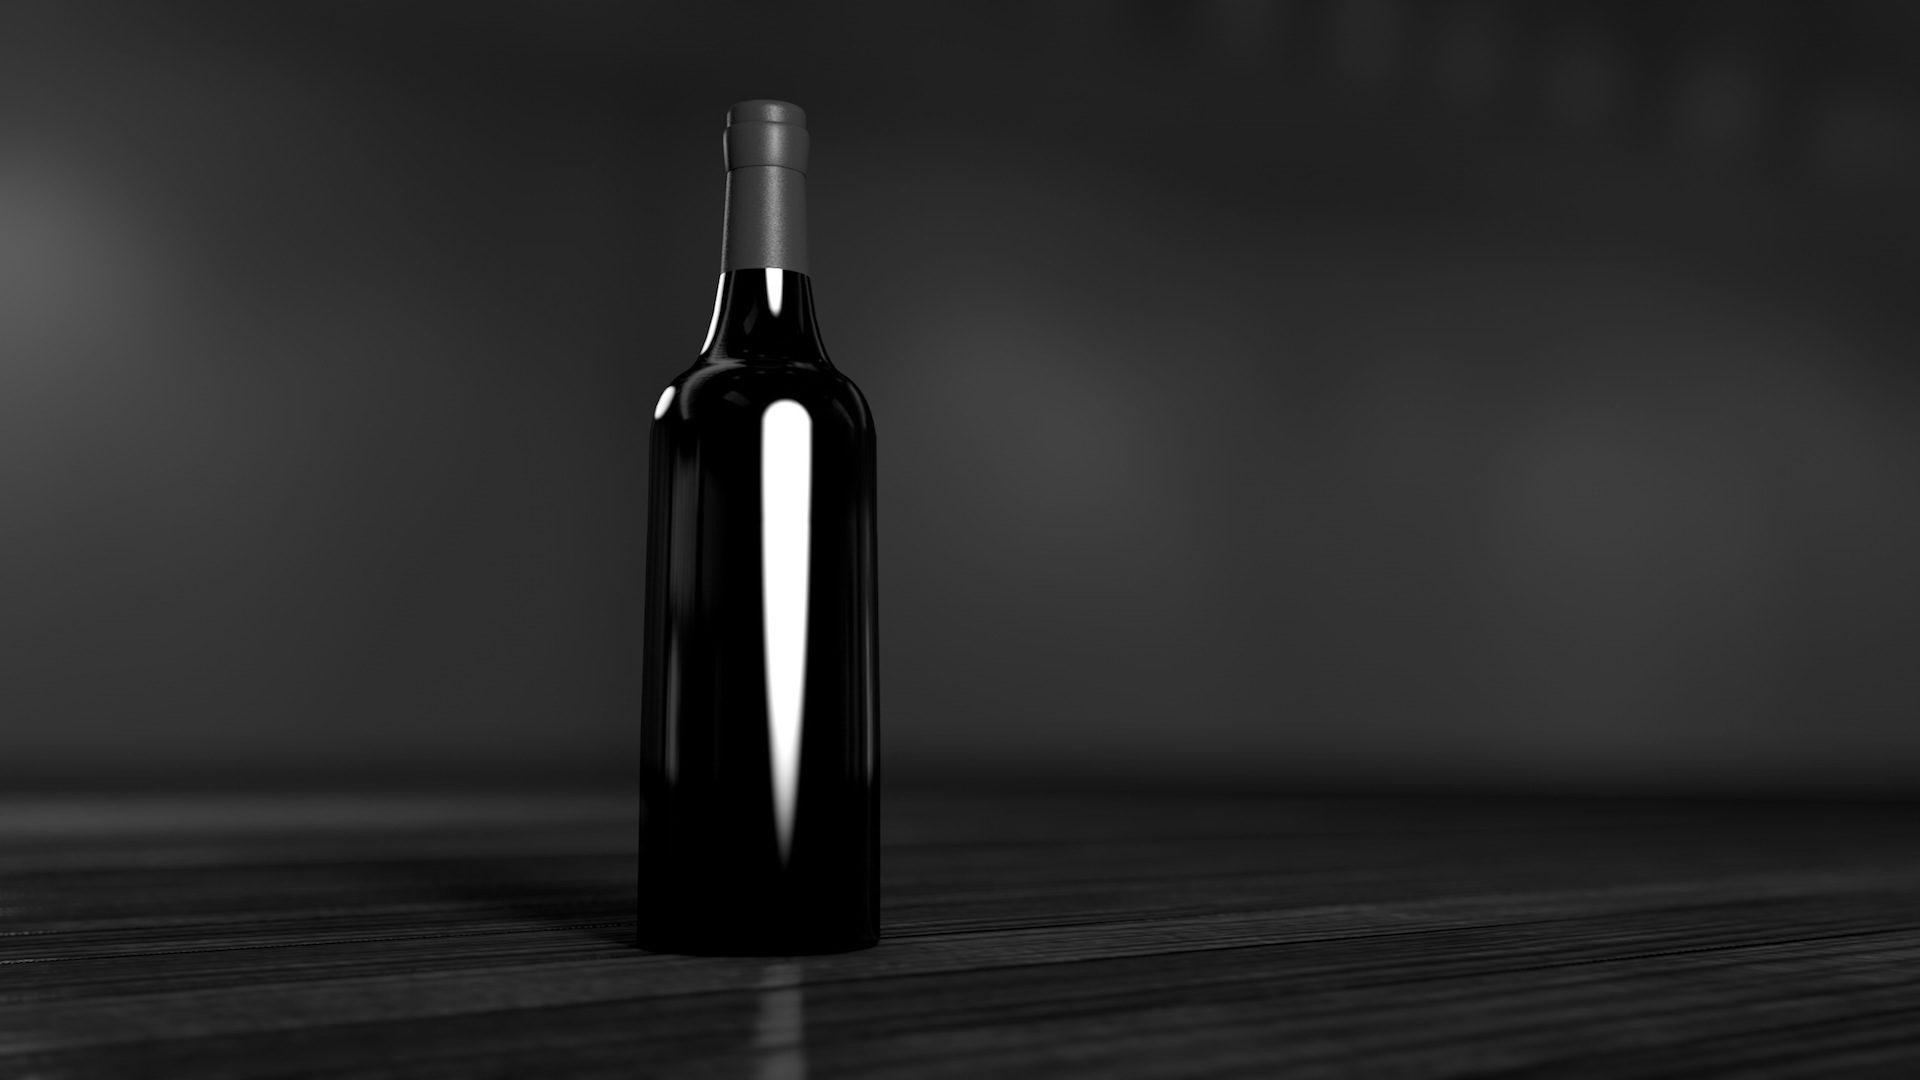 Flasche, Wein, Minimalist, Soledad, in schwarz und weiß - Wallpaper HD - Prof.-falken.com